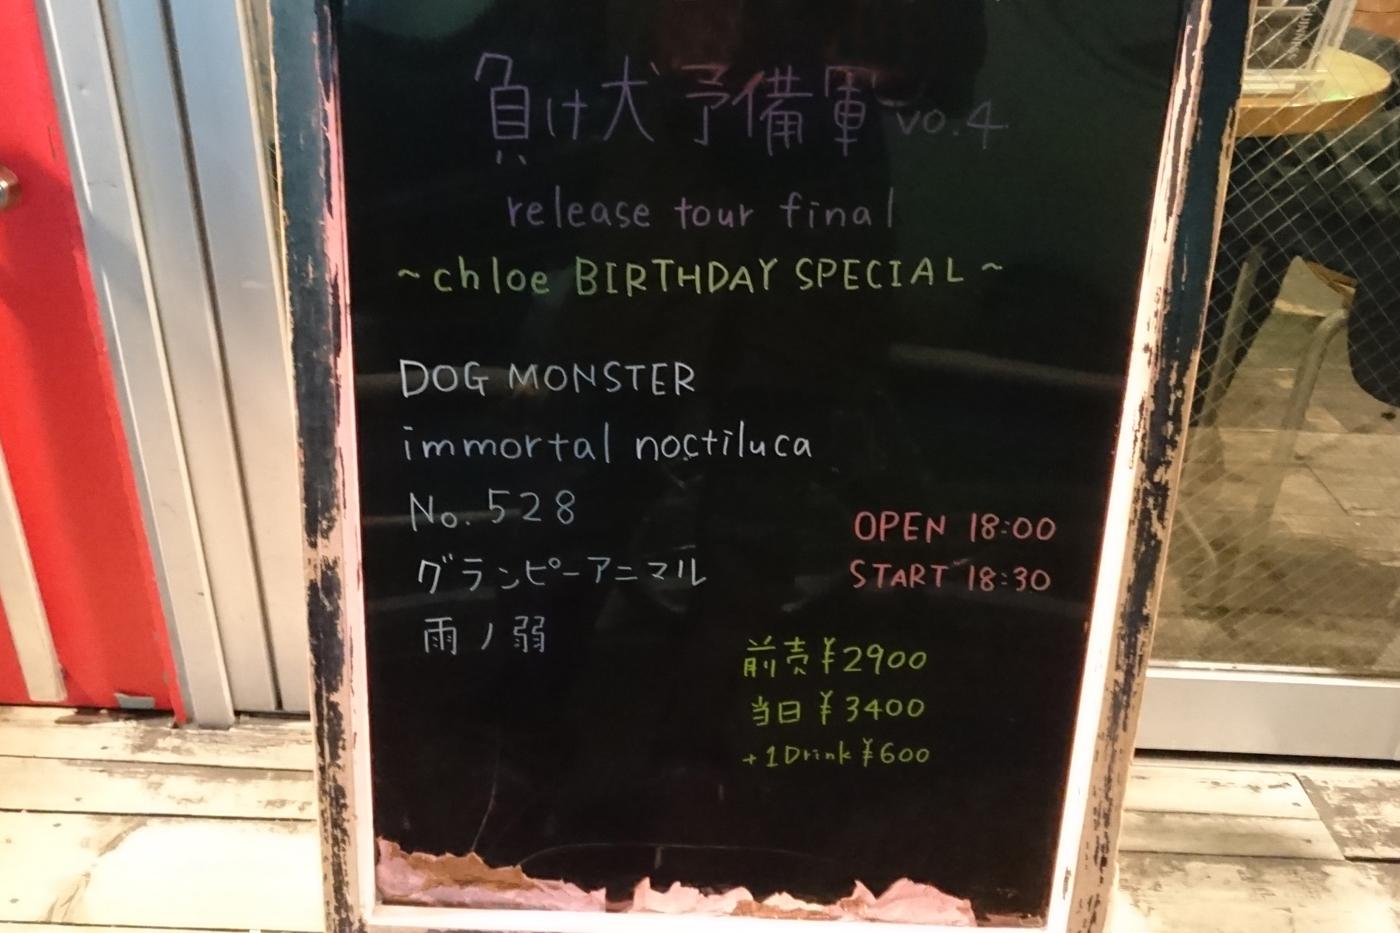 「負け犬予備軍vo.4 release tour final」@下北沢MOSAiC